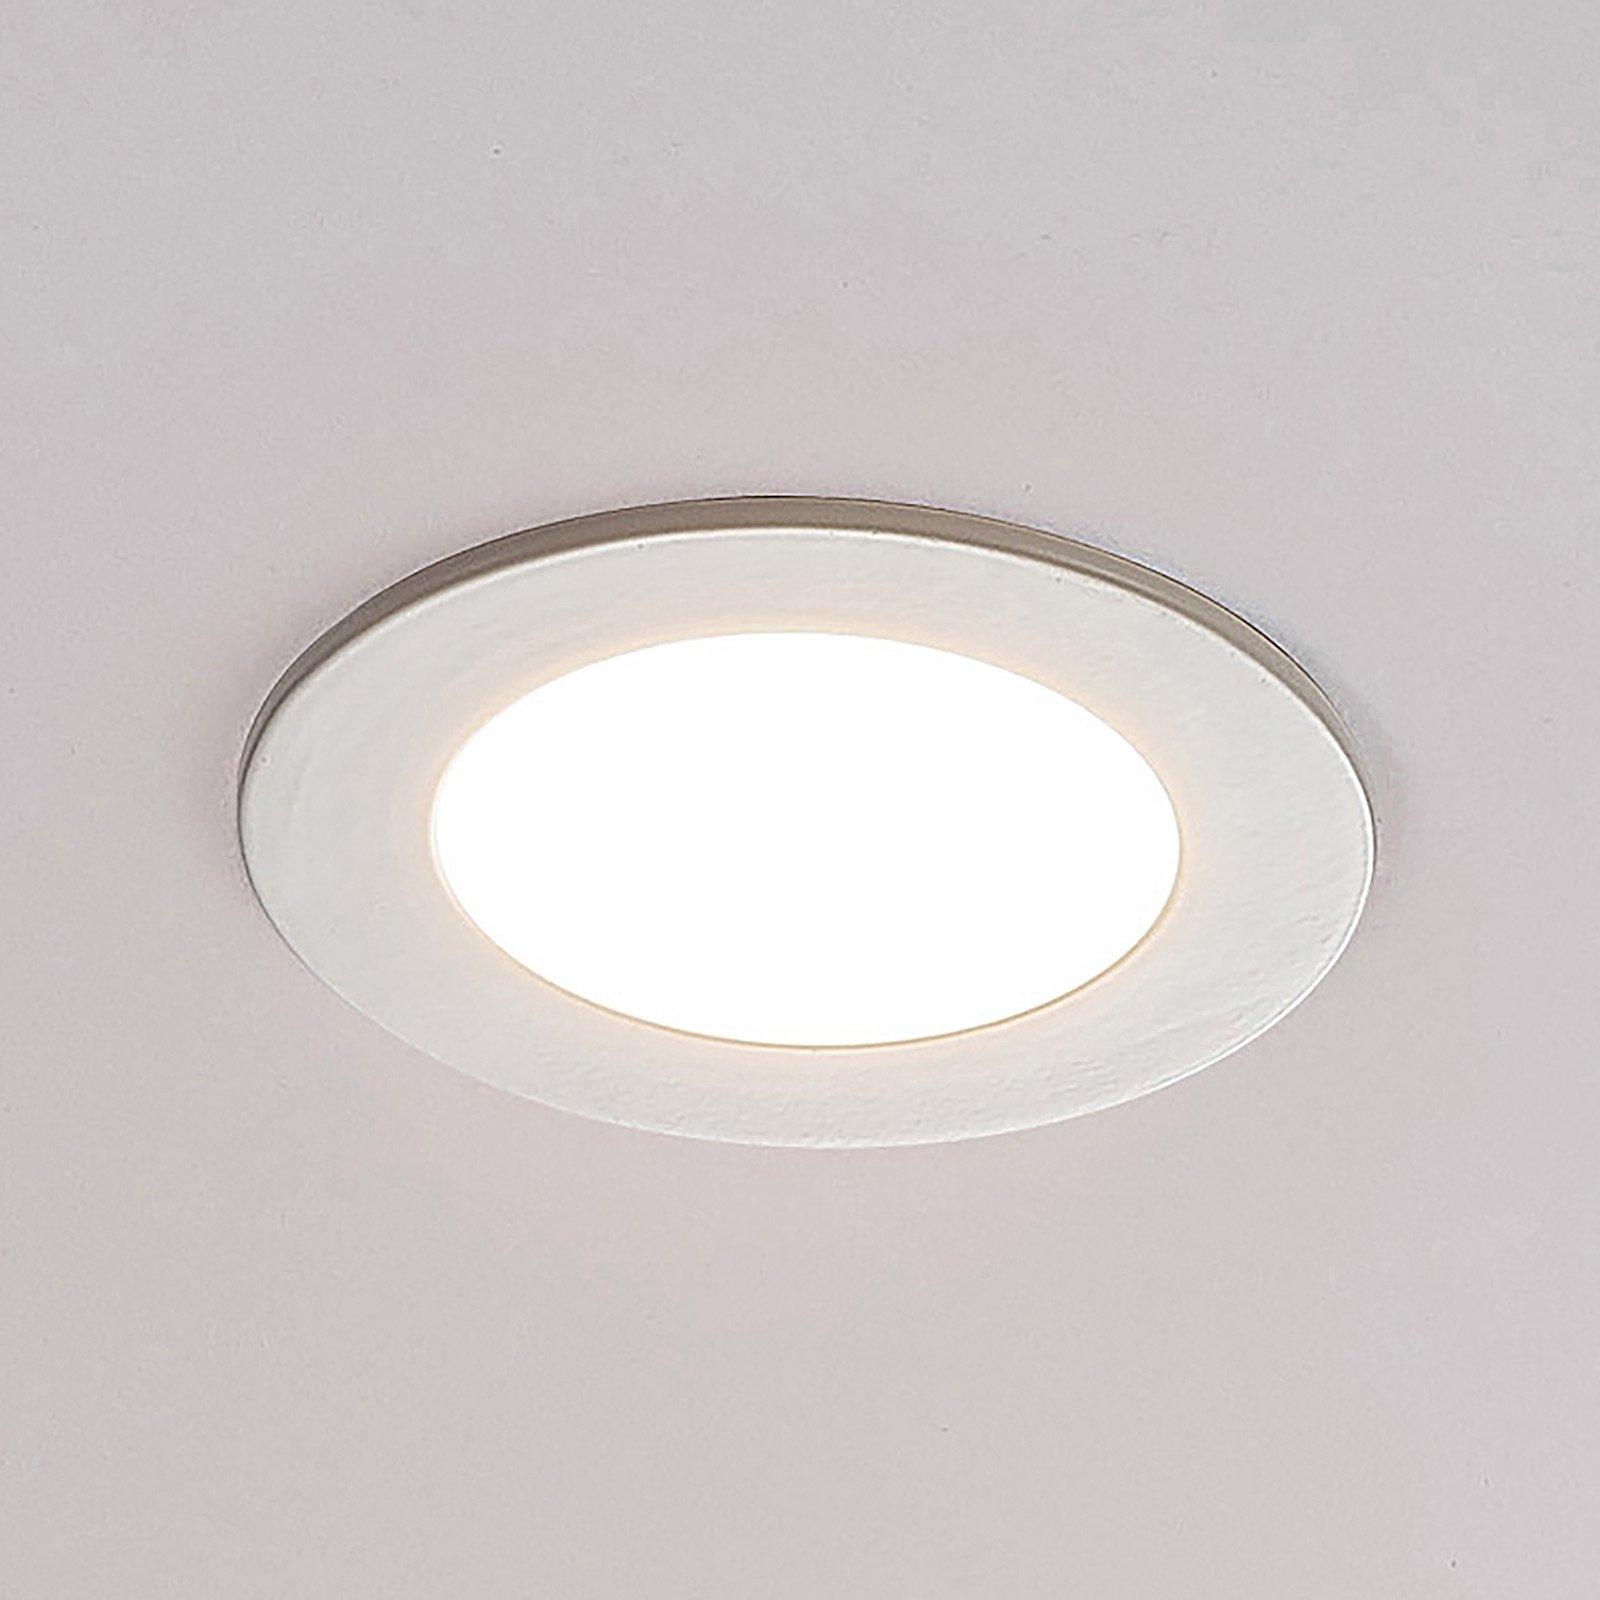 ELC Jupiter LED-downlight, 3-er sett i hvitt